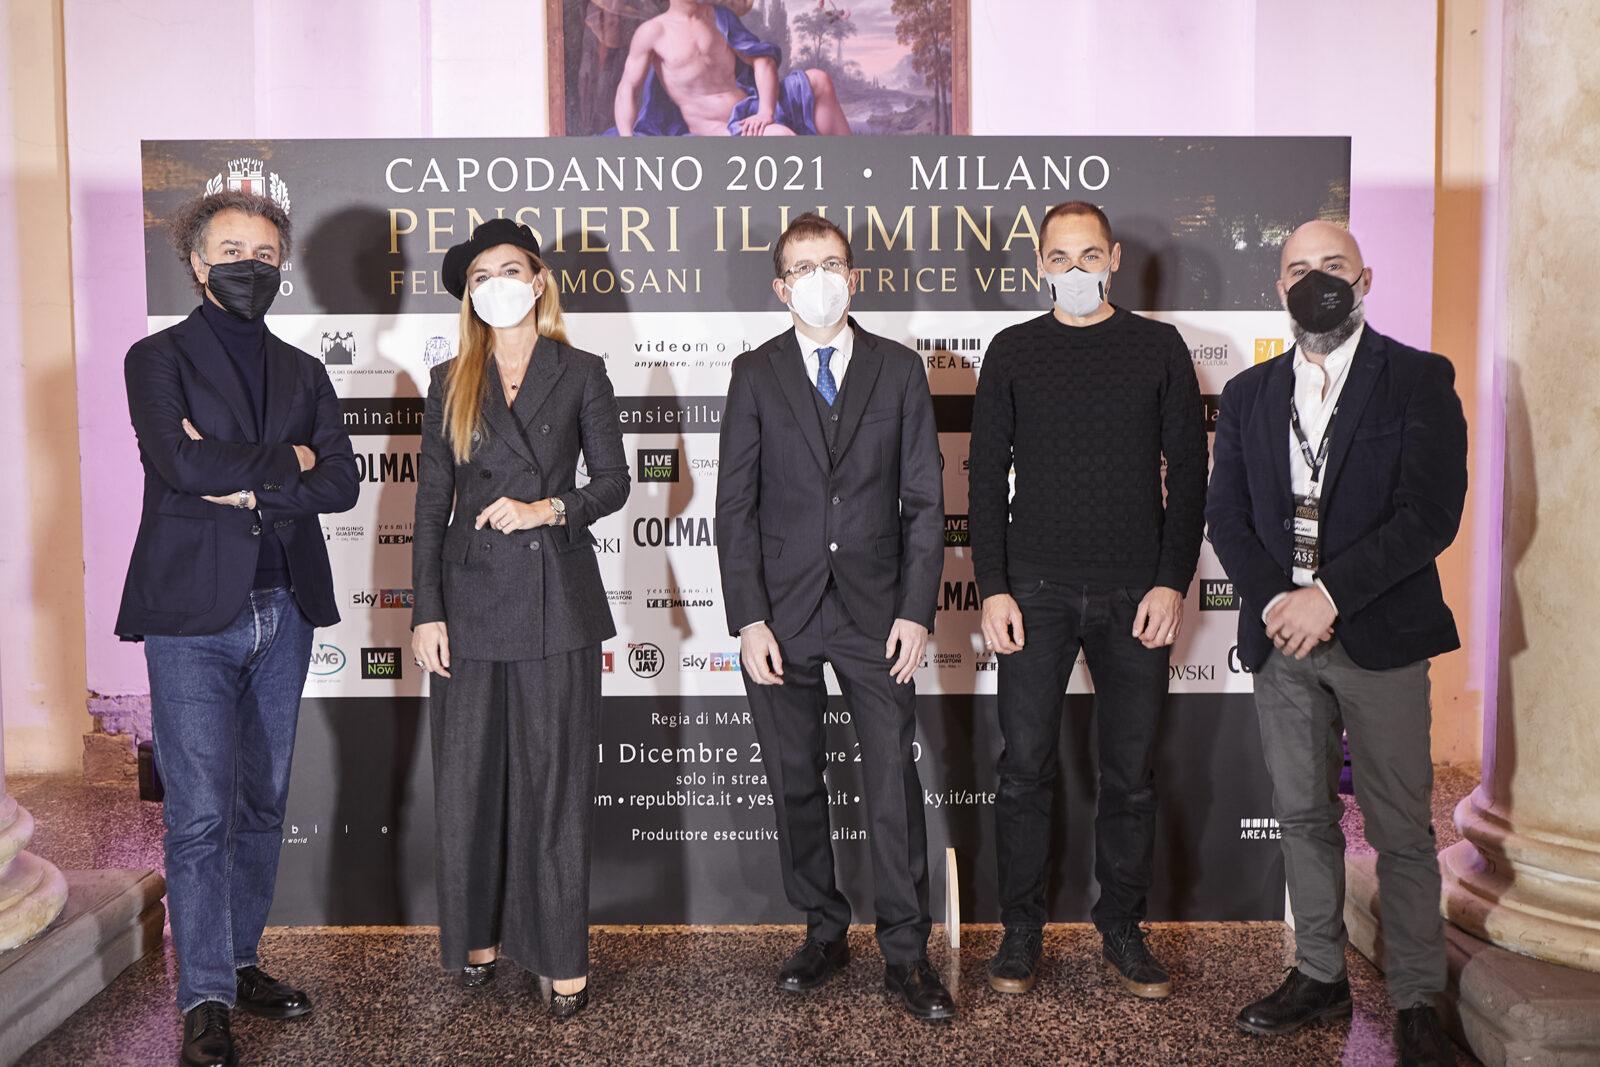 Pensieri Illuminati press conference 2